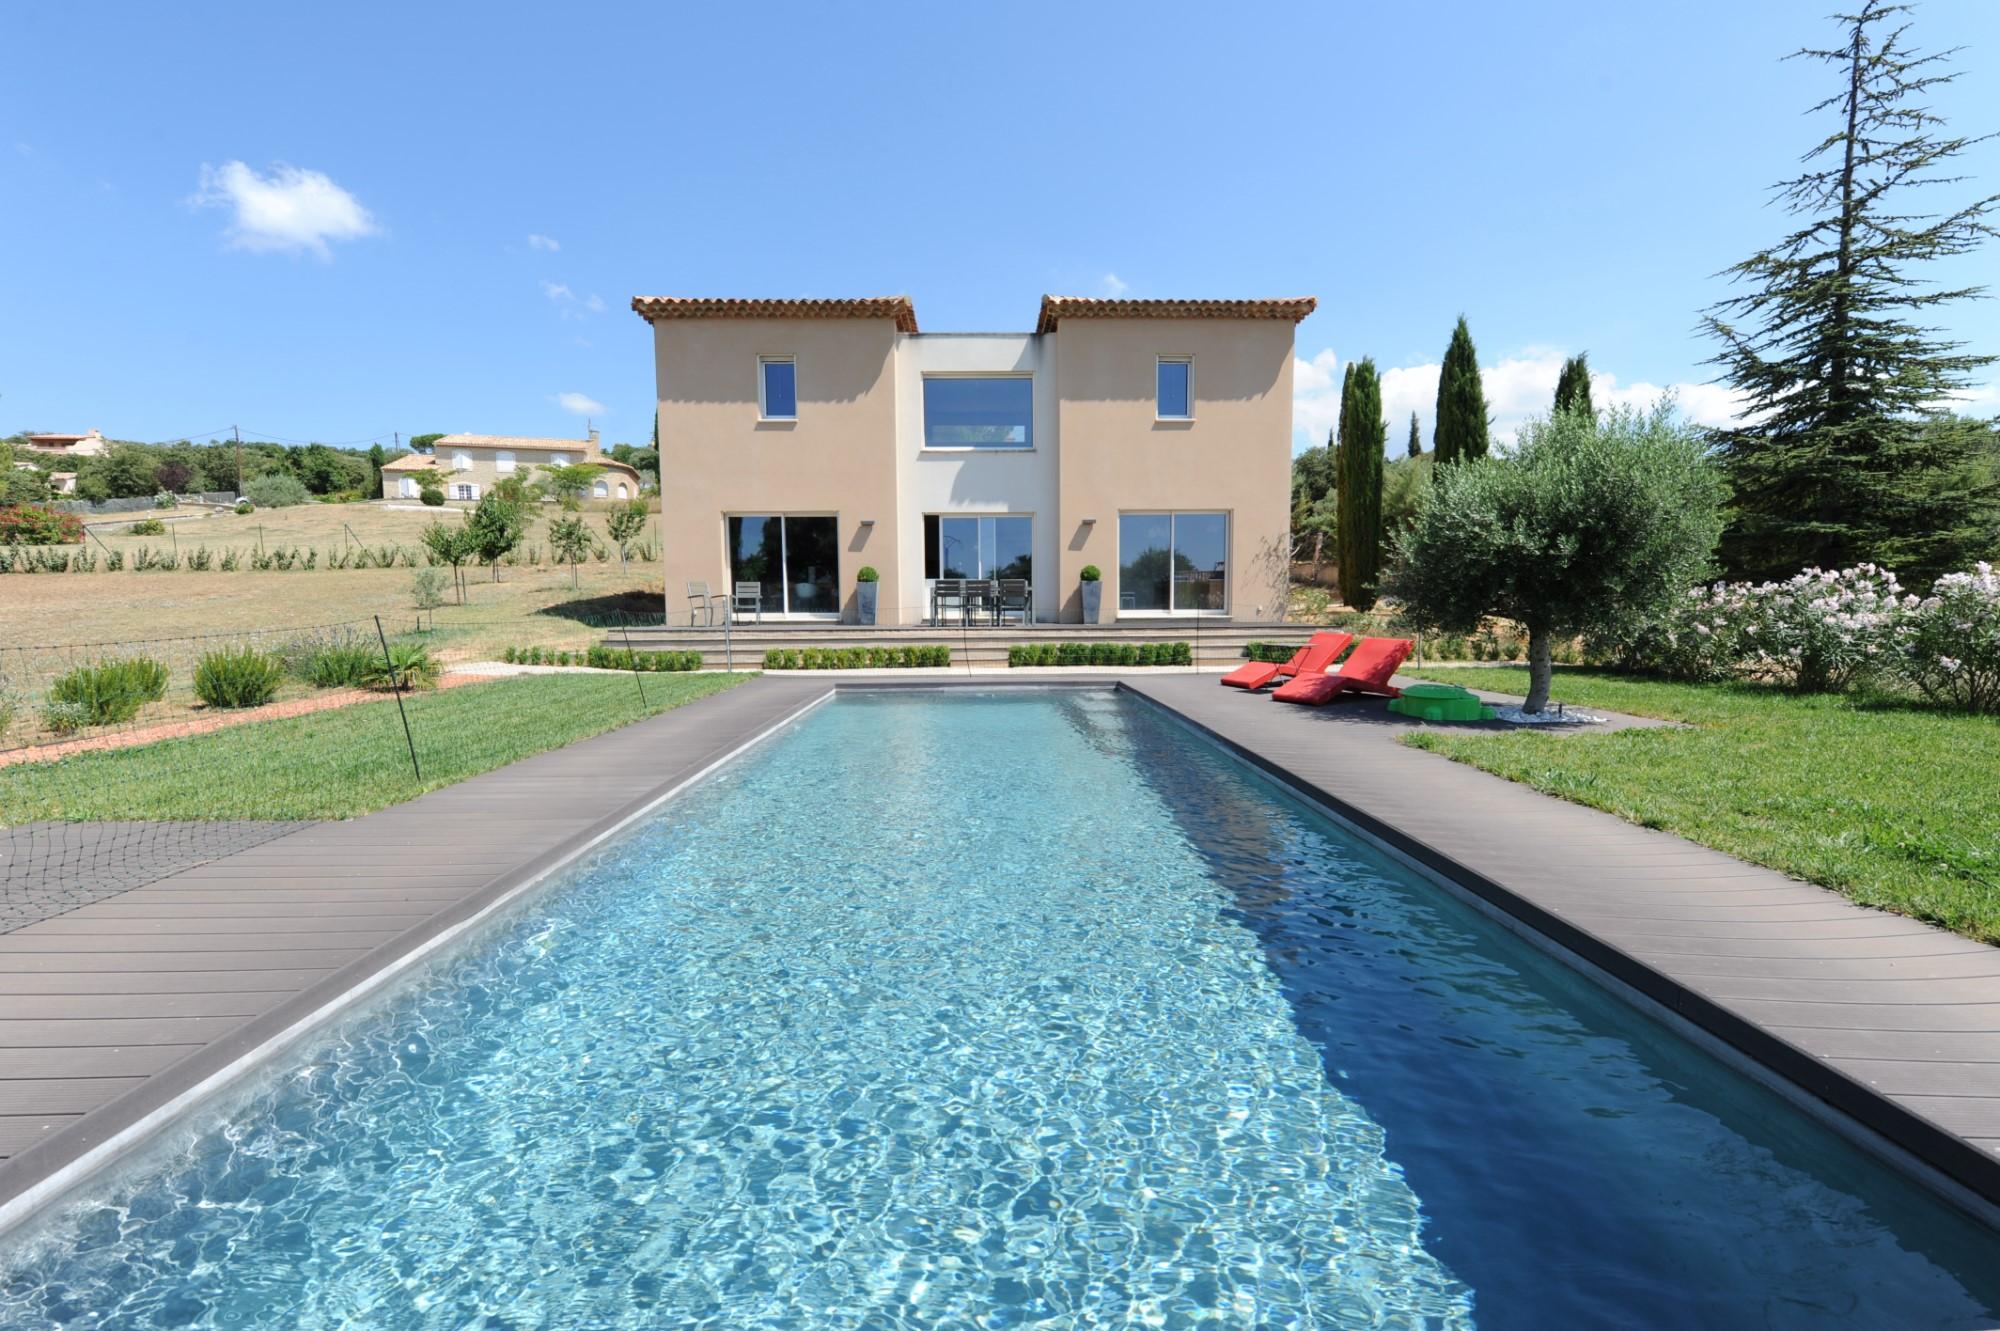 Maison contemporaine à vendre dans le Luberon